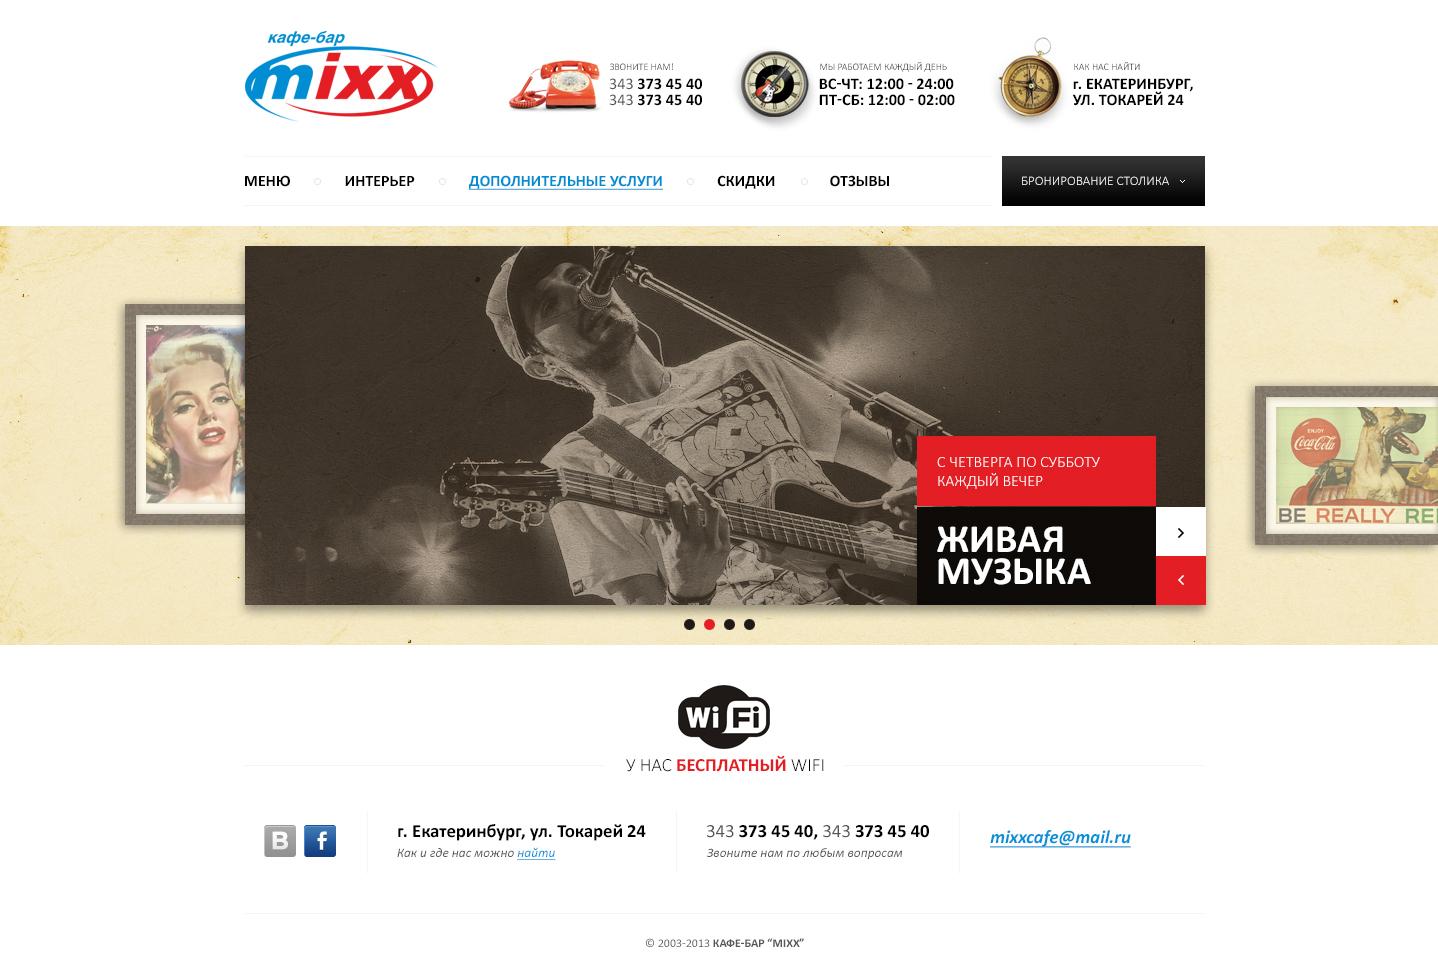 Mixx Cafe 2